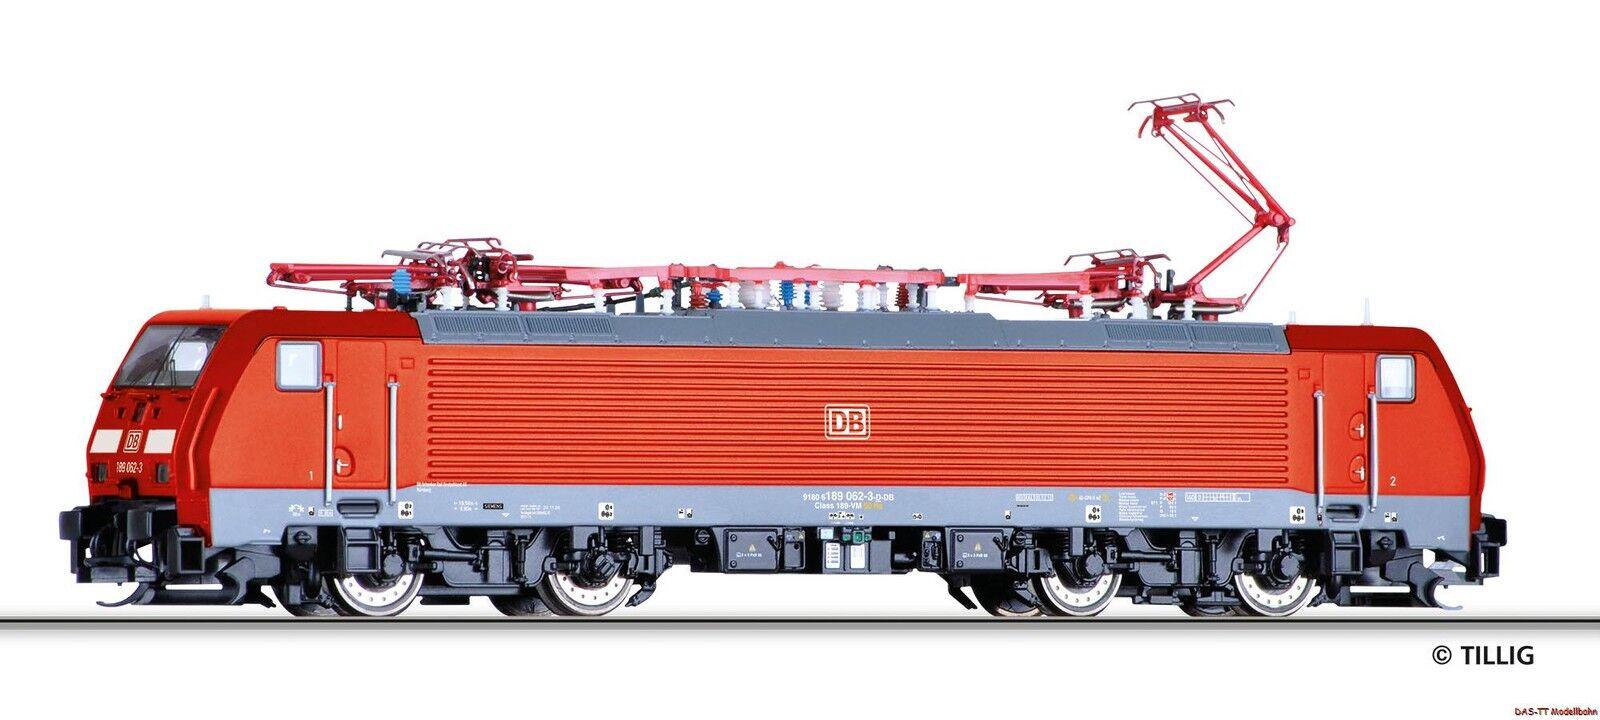 TT Elektro-Lok e189 062-3 DBAG EP. vi Tillig 02488 nuevo